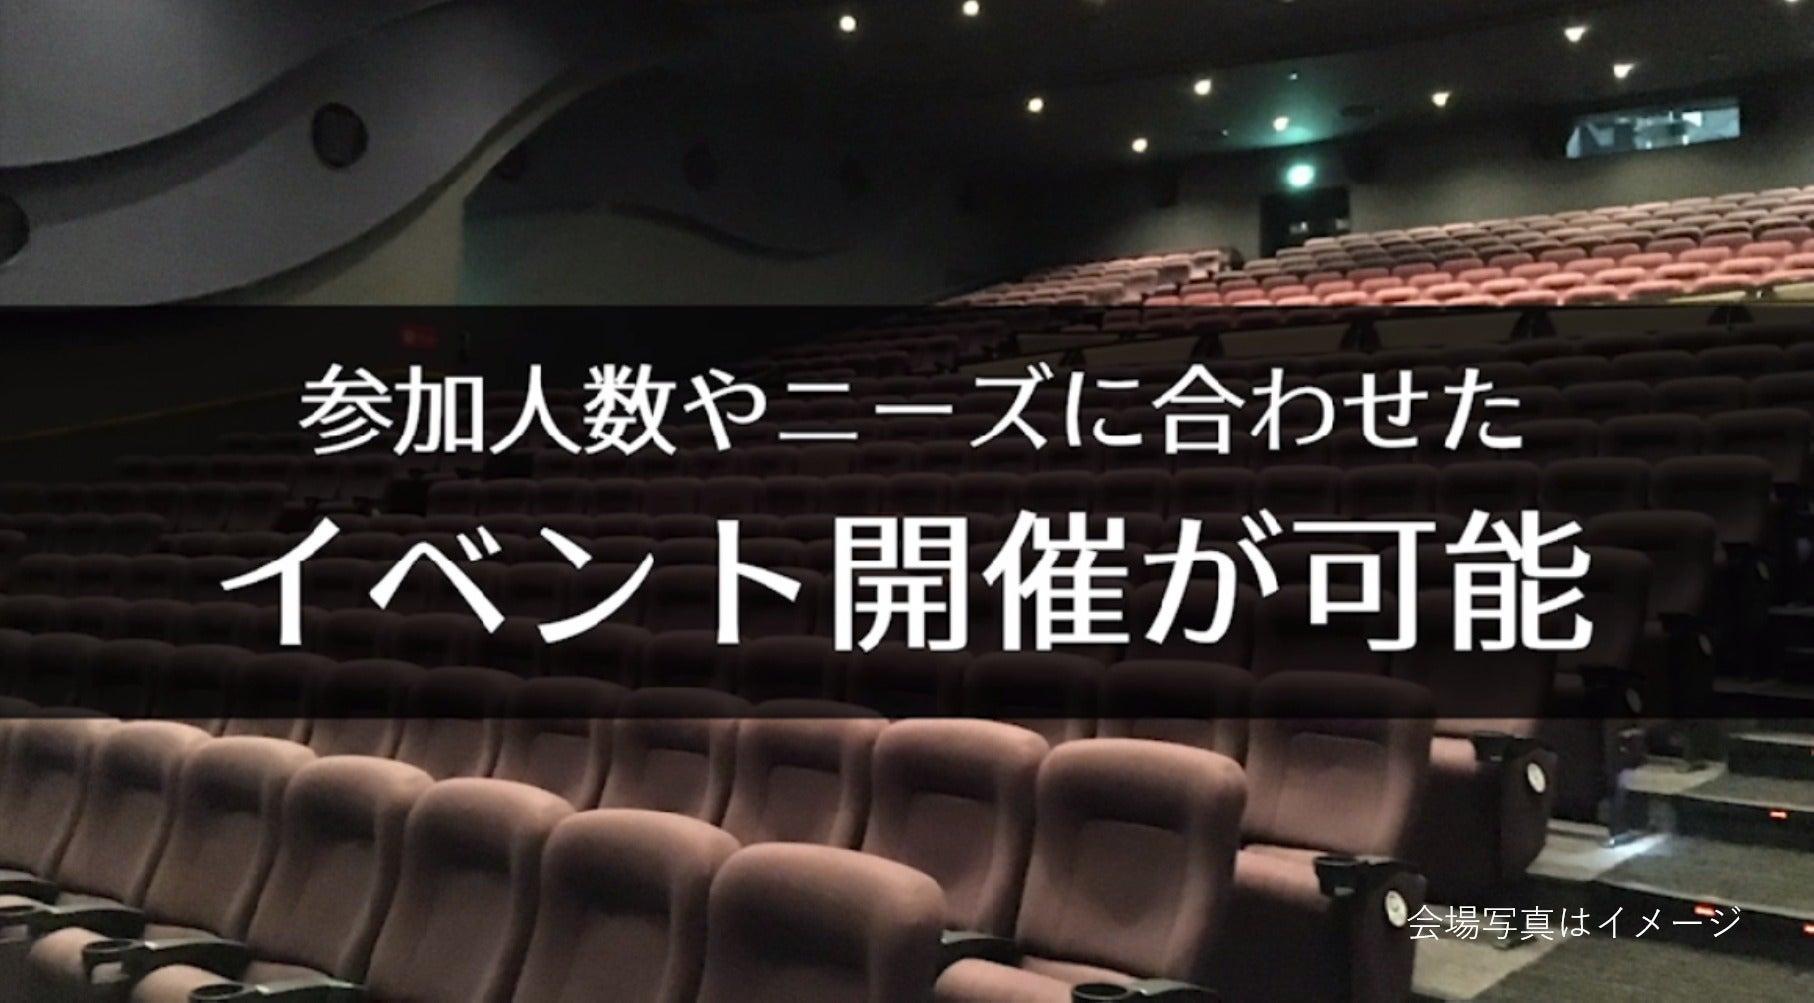 【水戸 158席】映画館で、会社説明会、株主総会、講演会の企画はいかがですか?